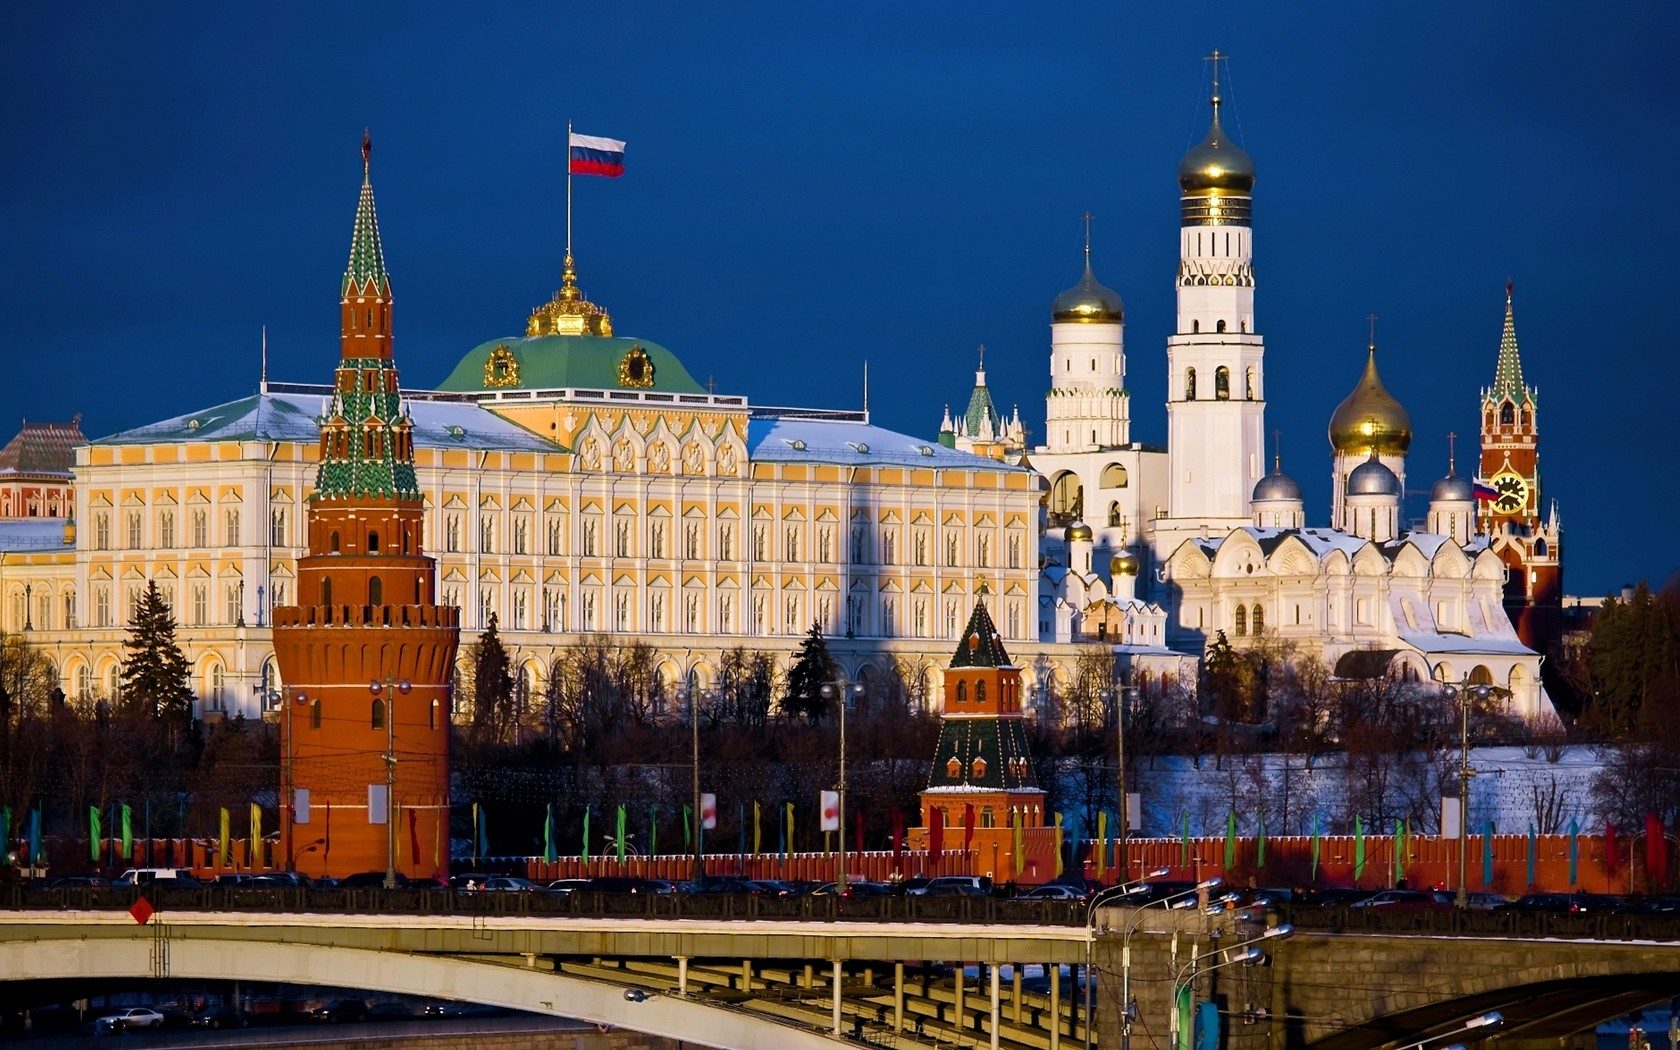 ВКремле отыскали Путину соперников— Выборы в Российской Федерации